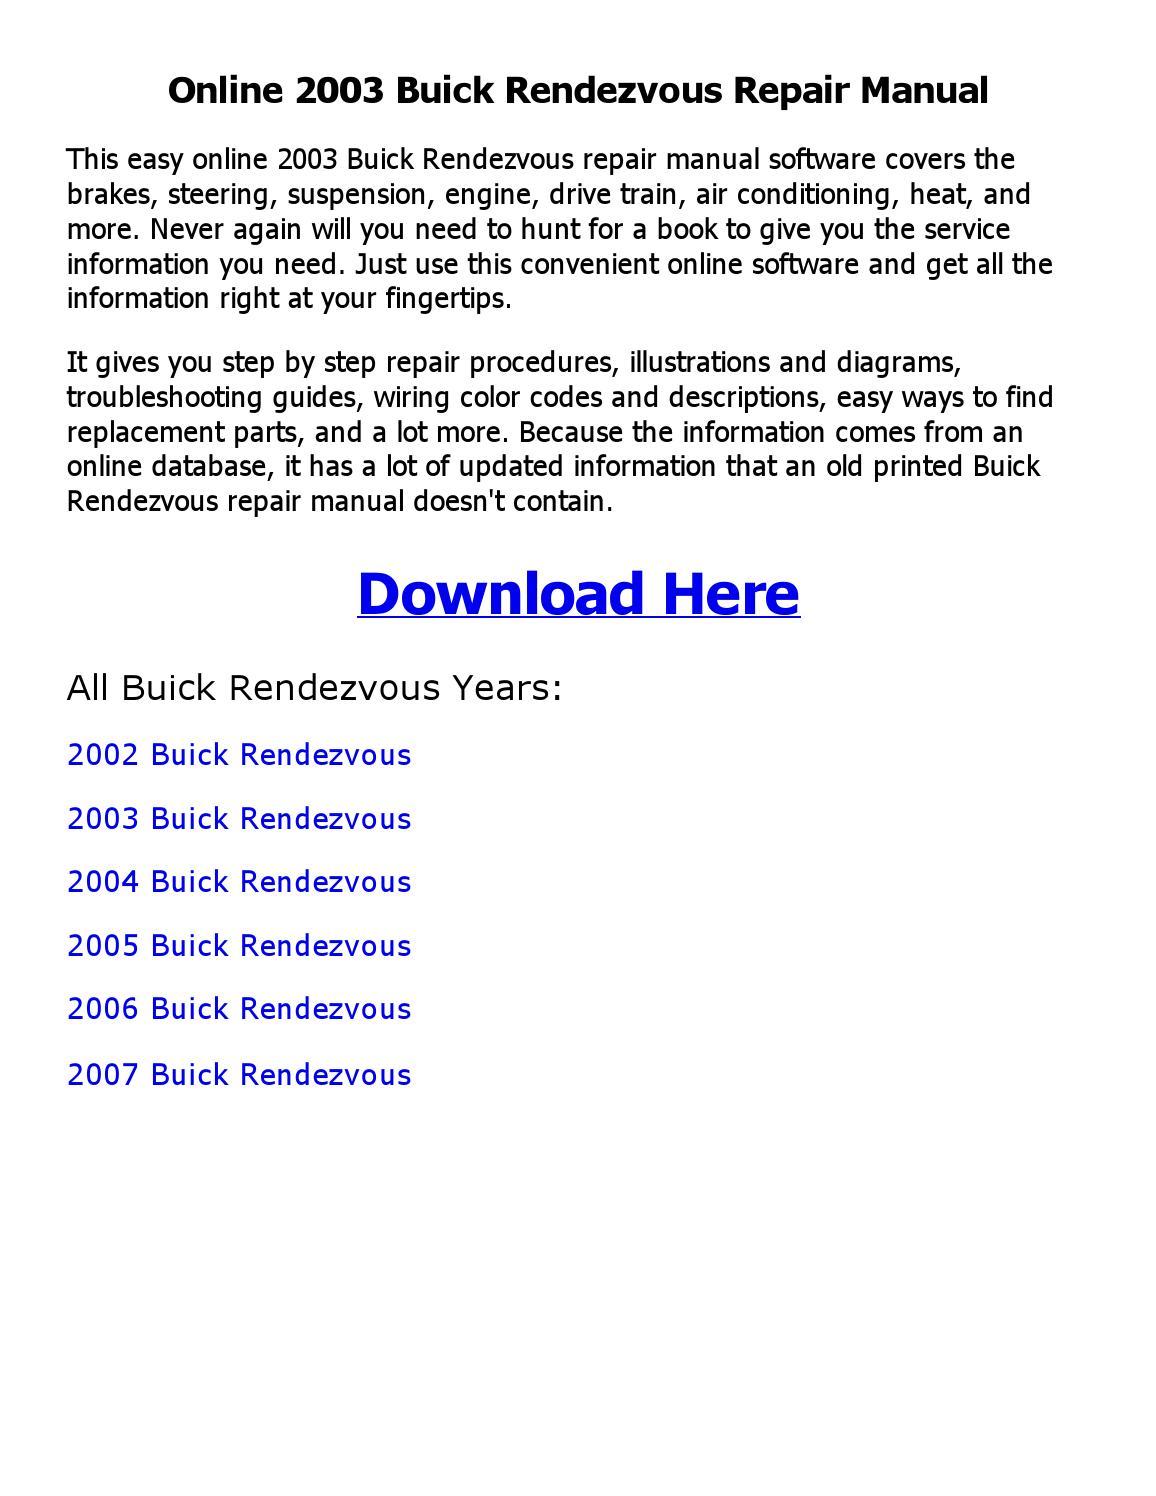 2003 Buick Rendezvous Repair Manual Online By Ehsaan Issuu 2005 Wiring Diagram